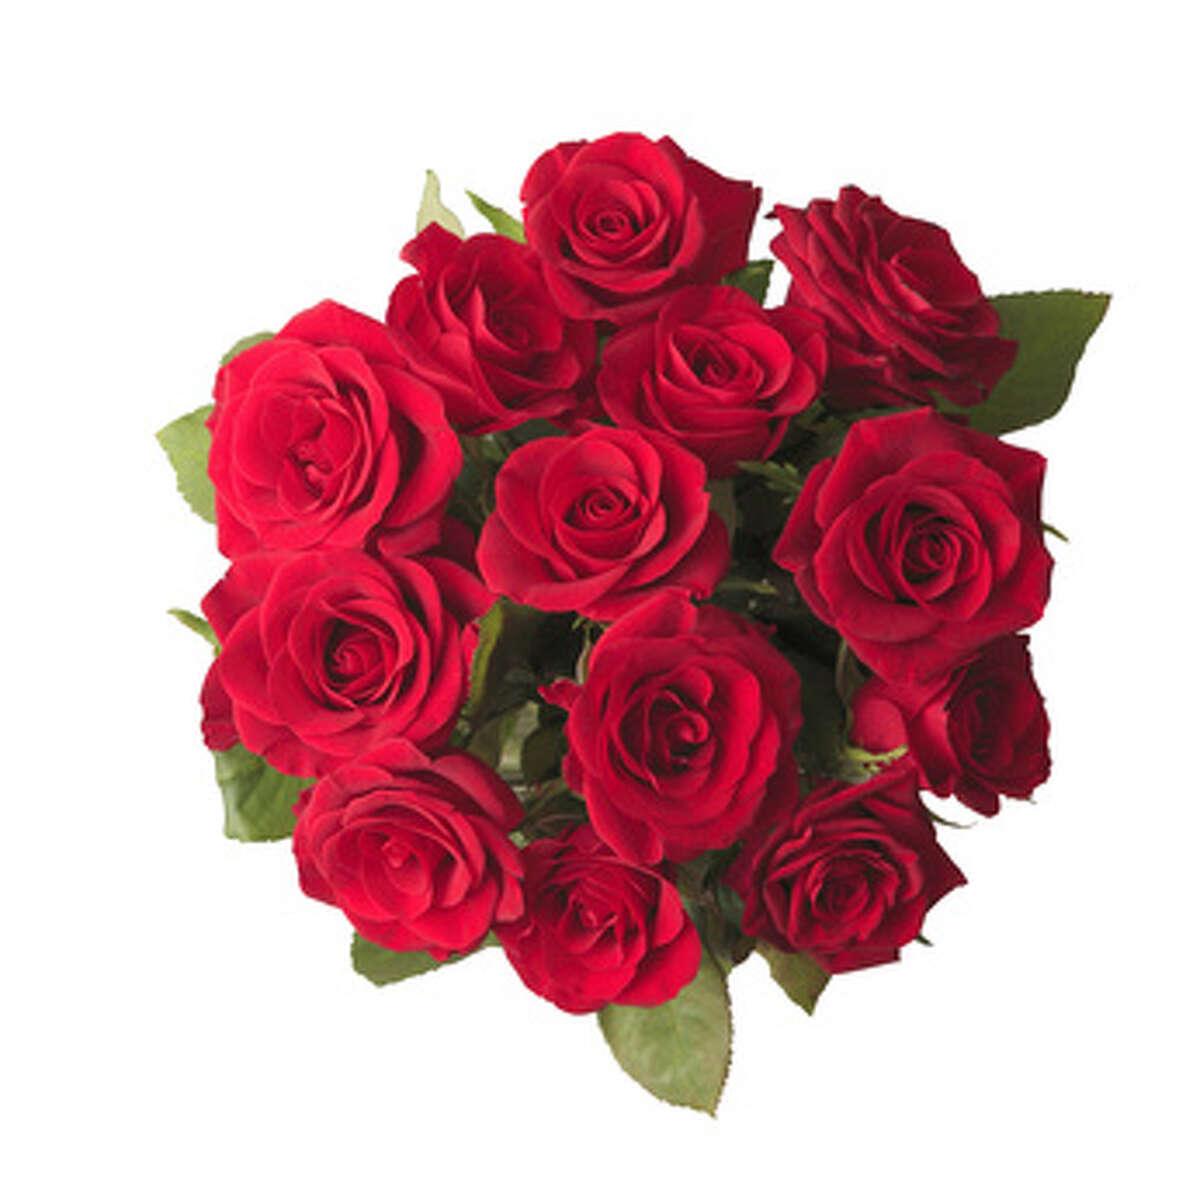 Dozen red roses: $97.22